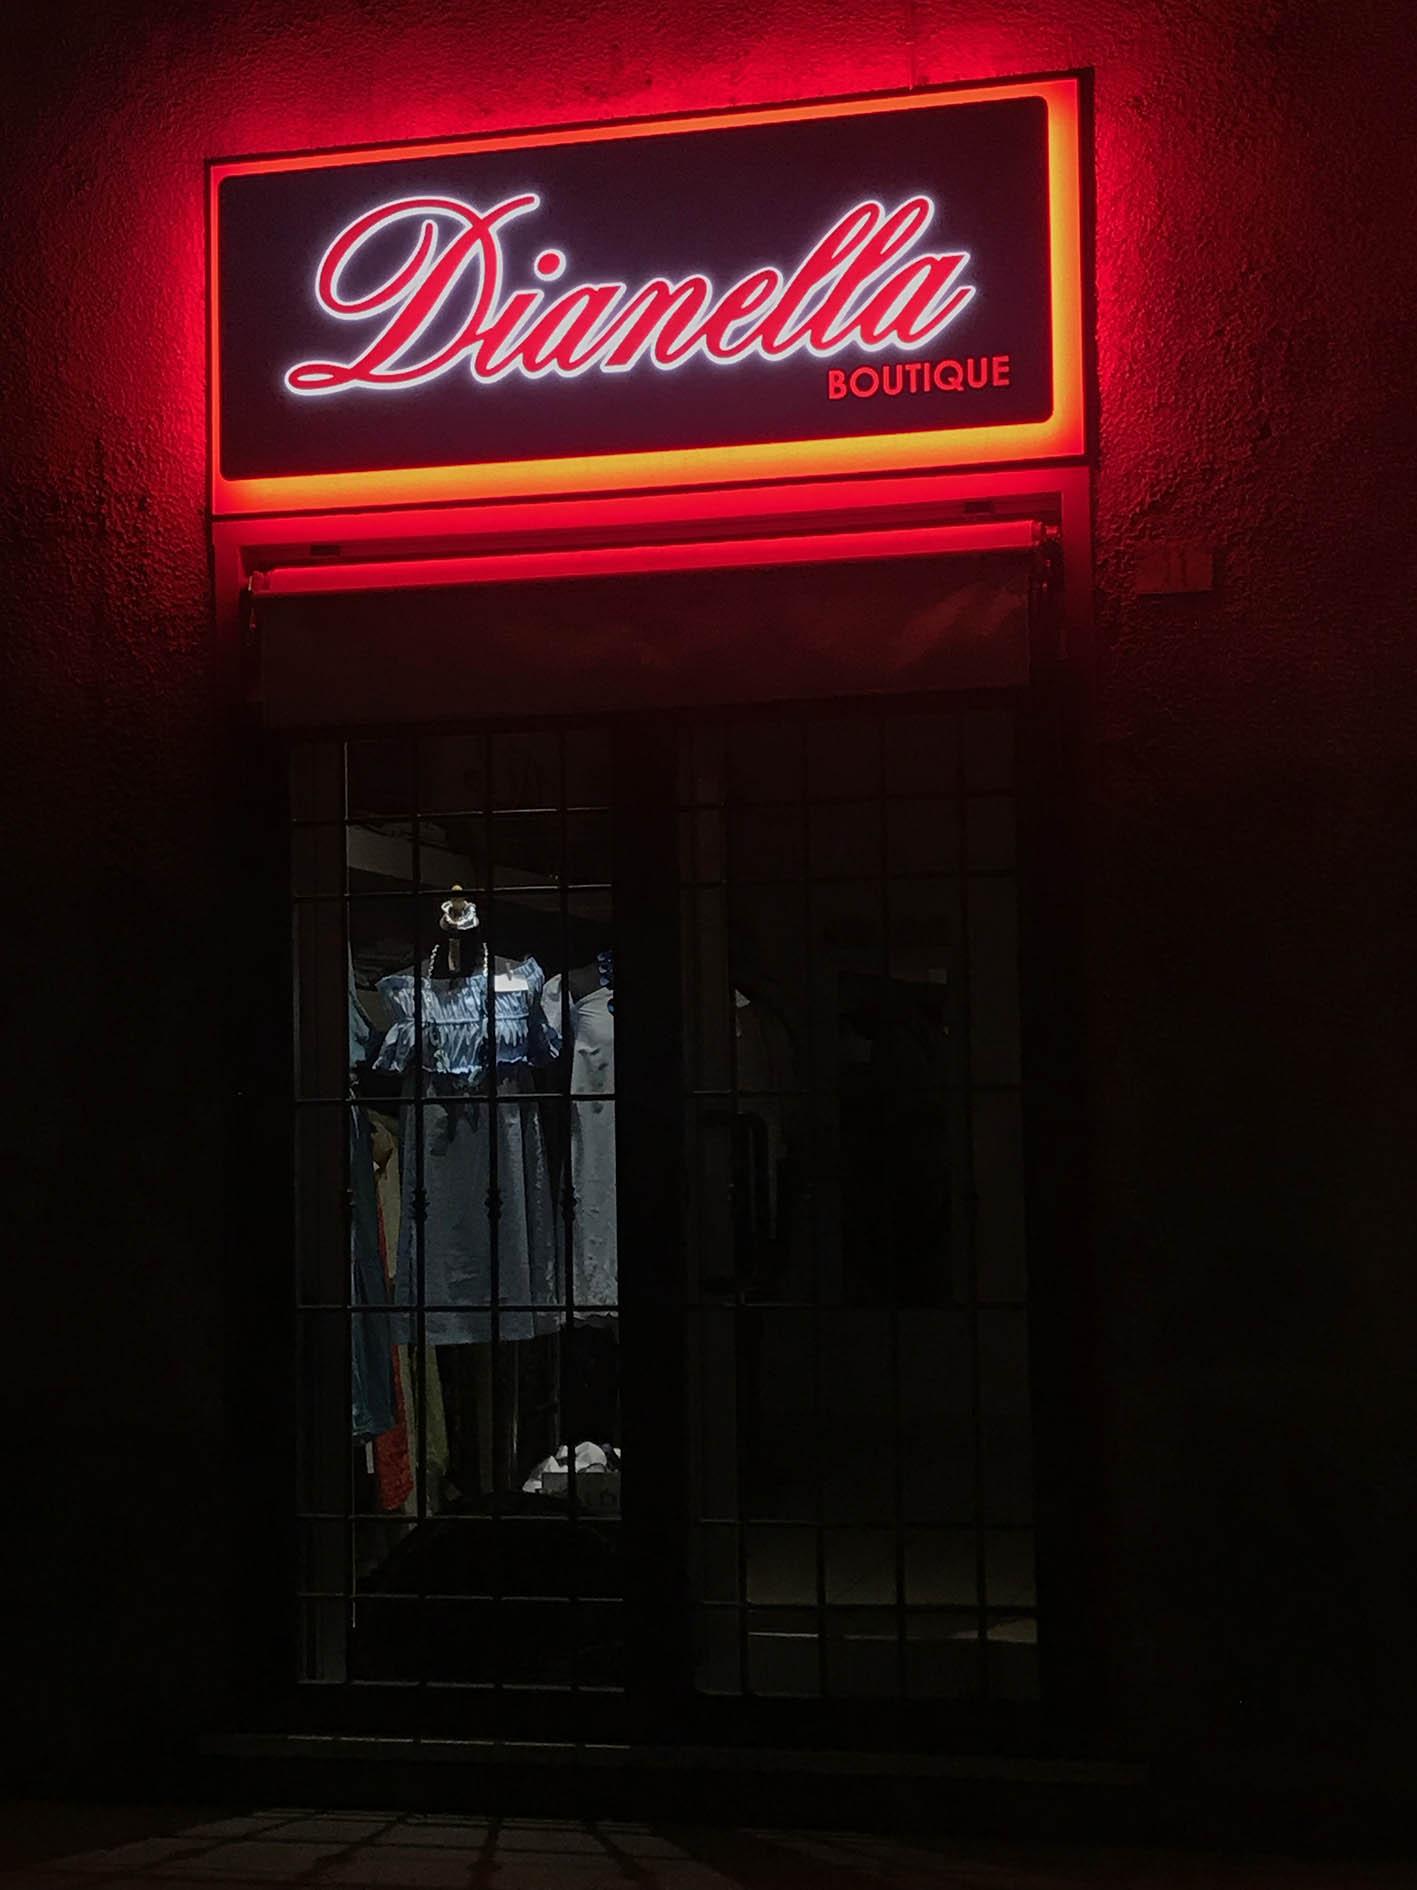 Dianella Via cantore